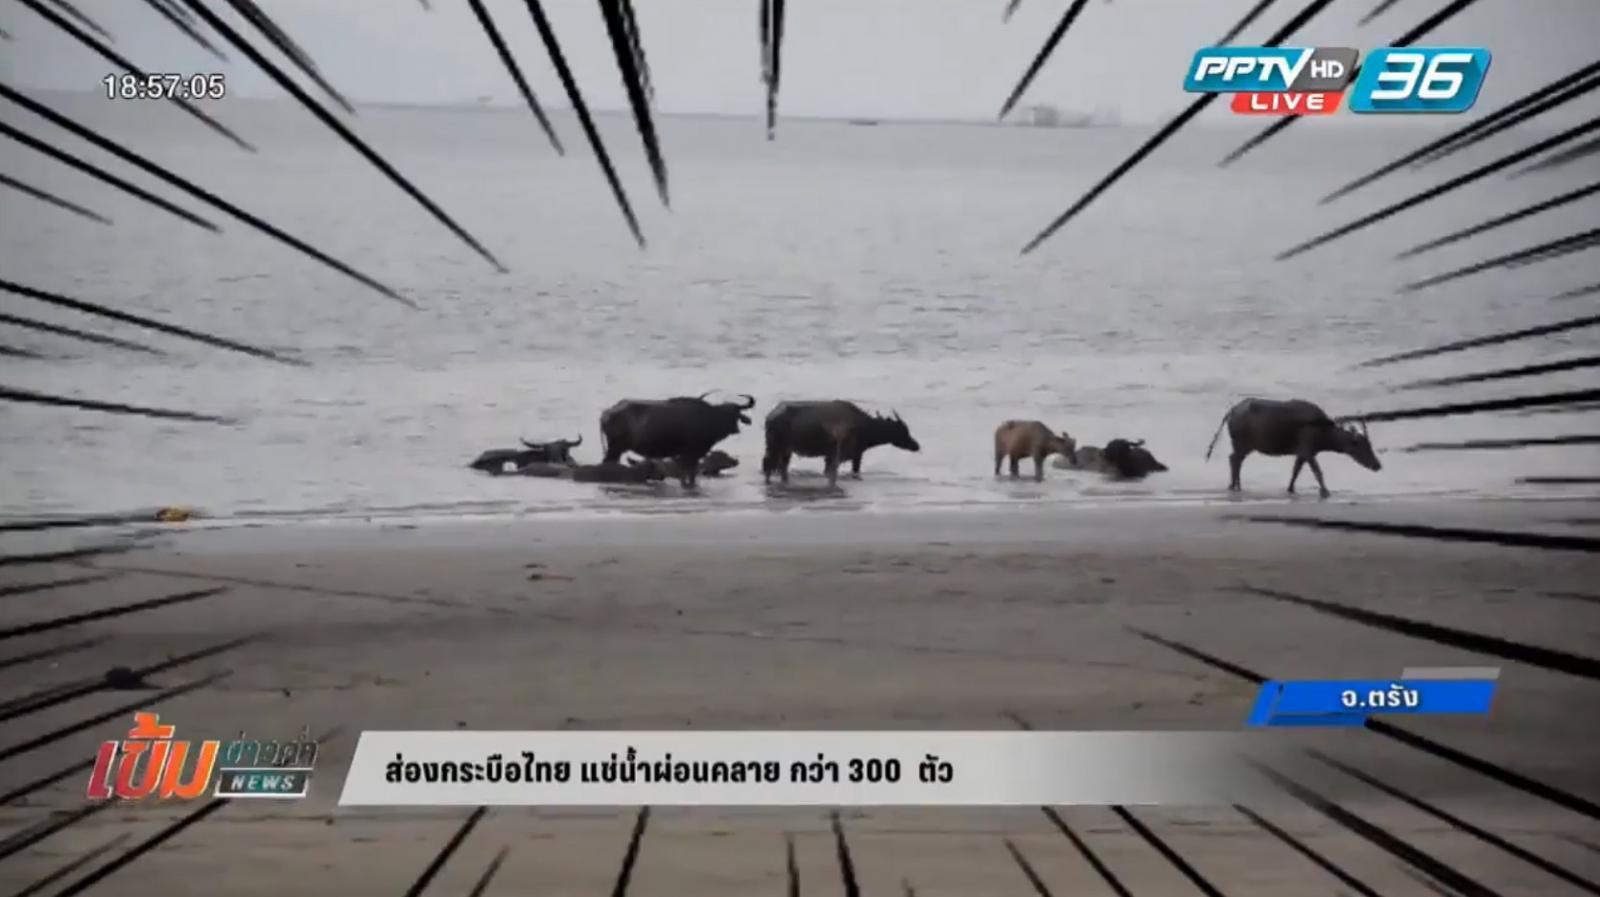 ส่องกระบือไทย แช่น้ำผ่อนคลาย กว่า 300 ตัว